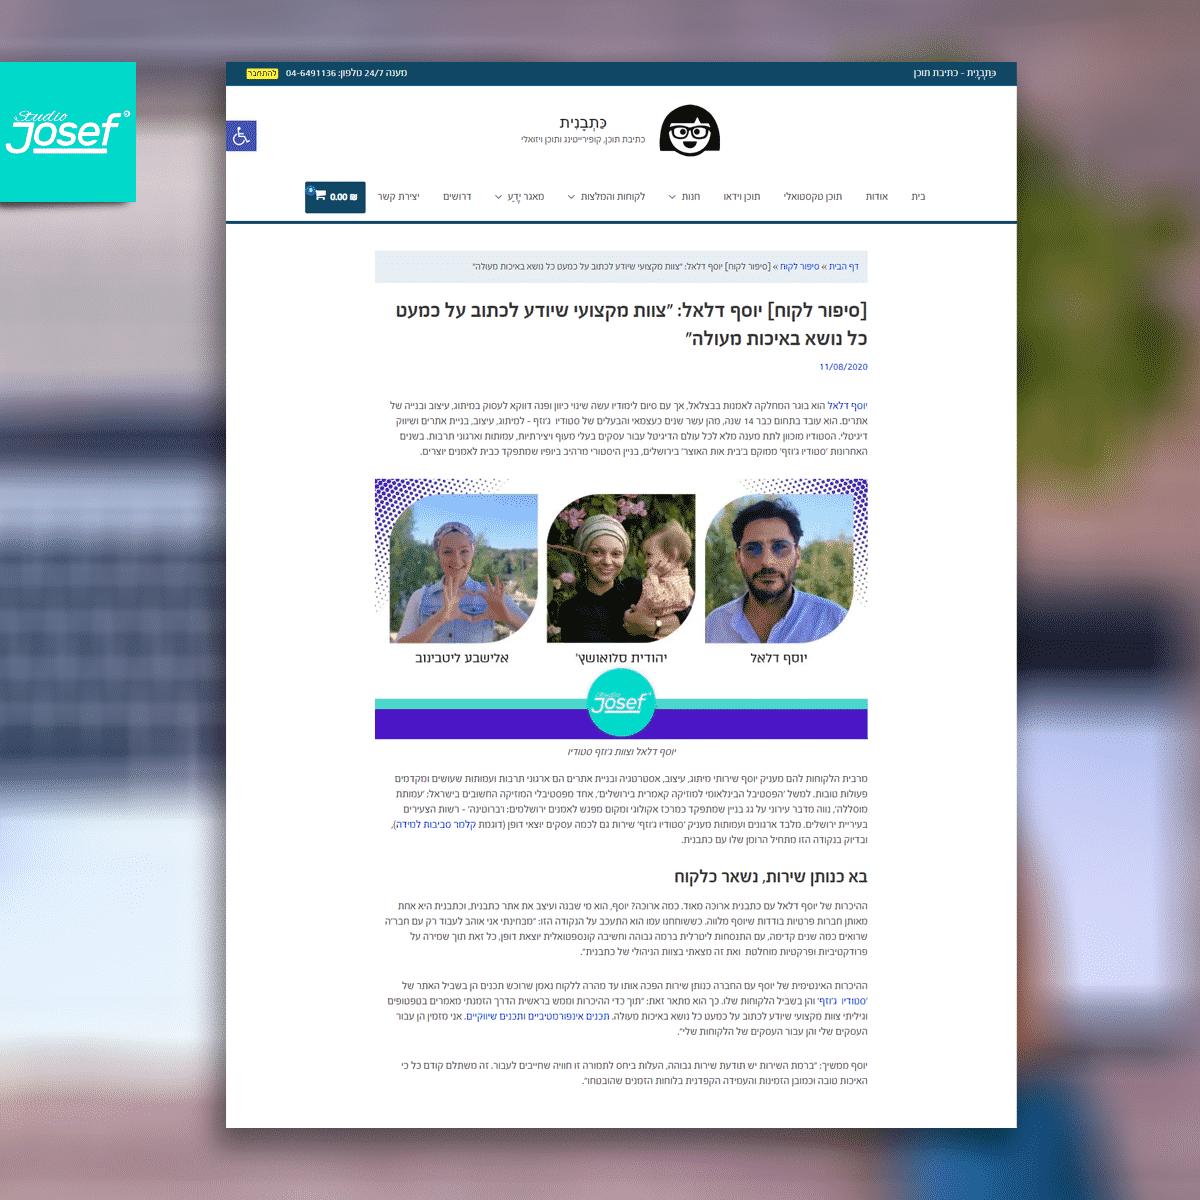 עיצוב אתר כתבנית - עמוד בלוג